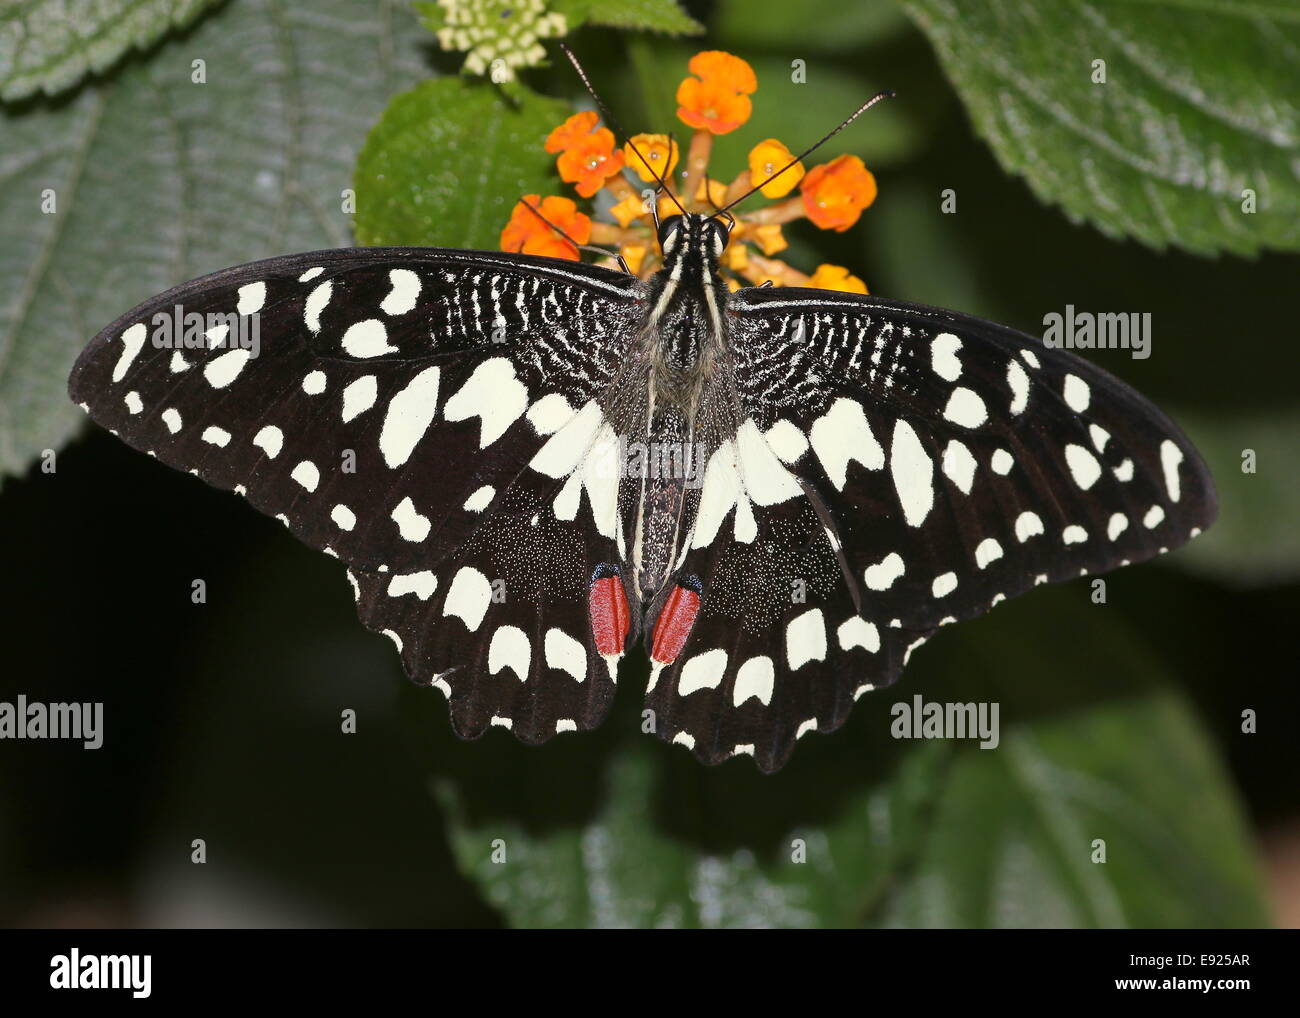 A coda di rondine a scacchi (Papilio demoleus) a.k.a. Succo di limone o lime a coda di rondine o piccole farfalle Immagini Stock